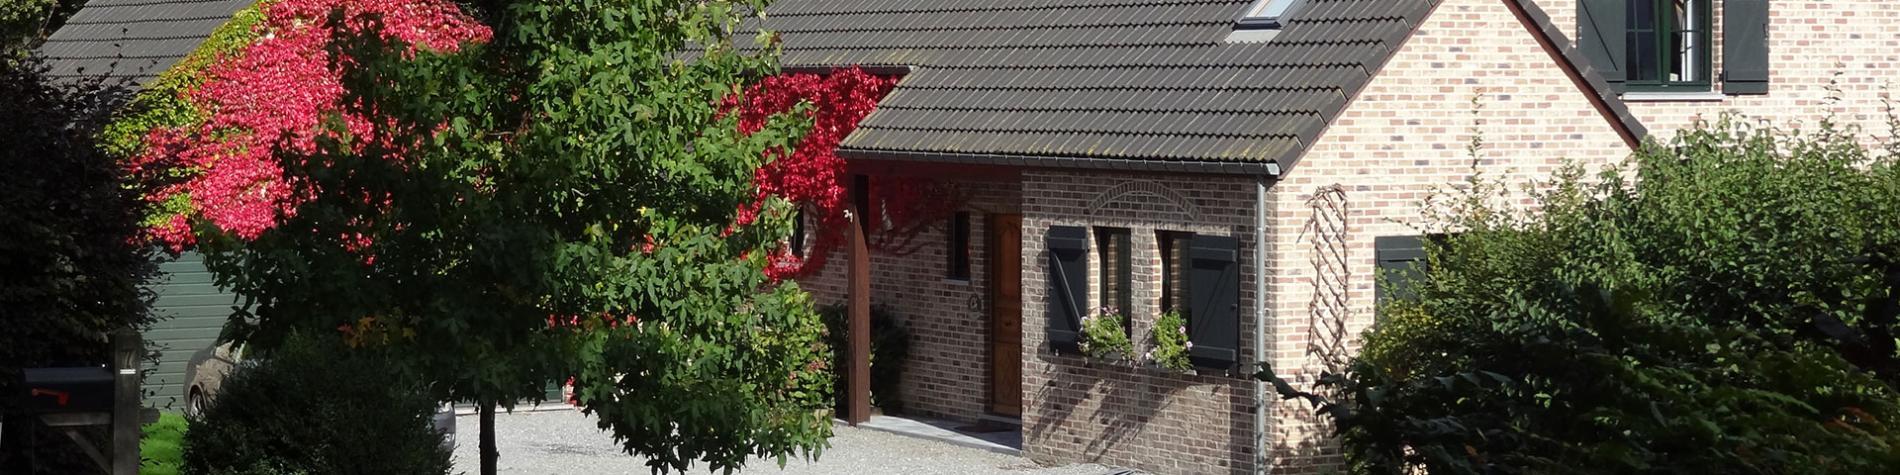 Chambre d'hôtes A l'Orée des Bois à Trooz